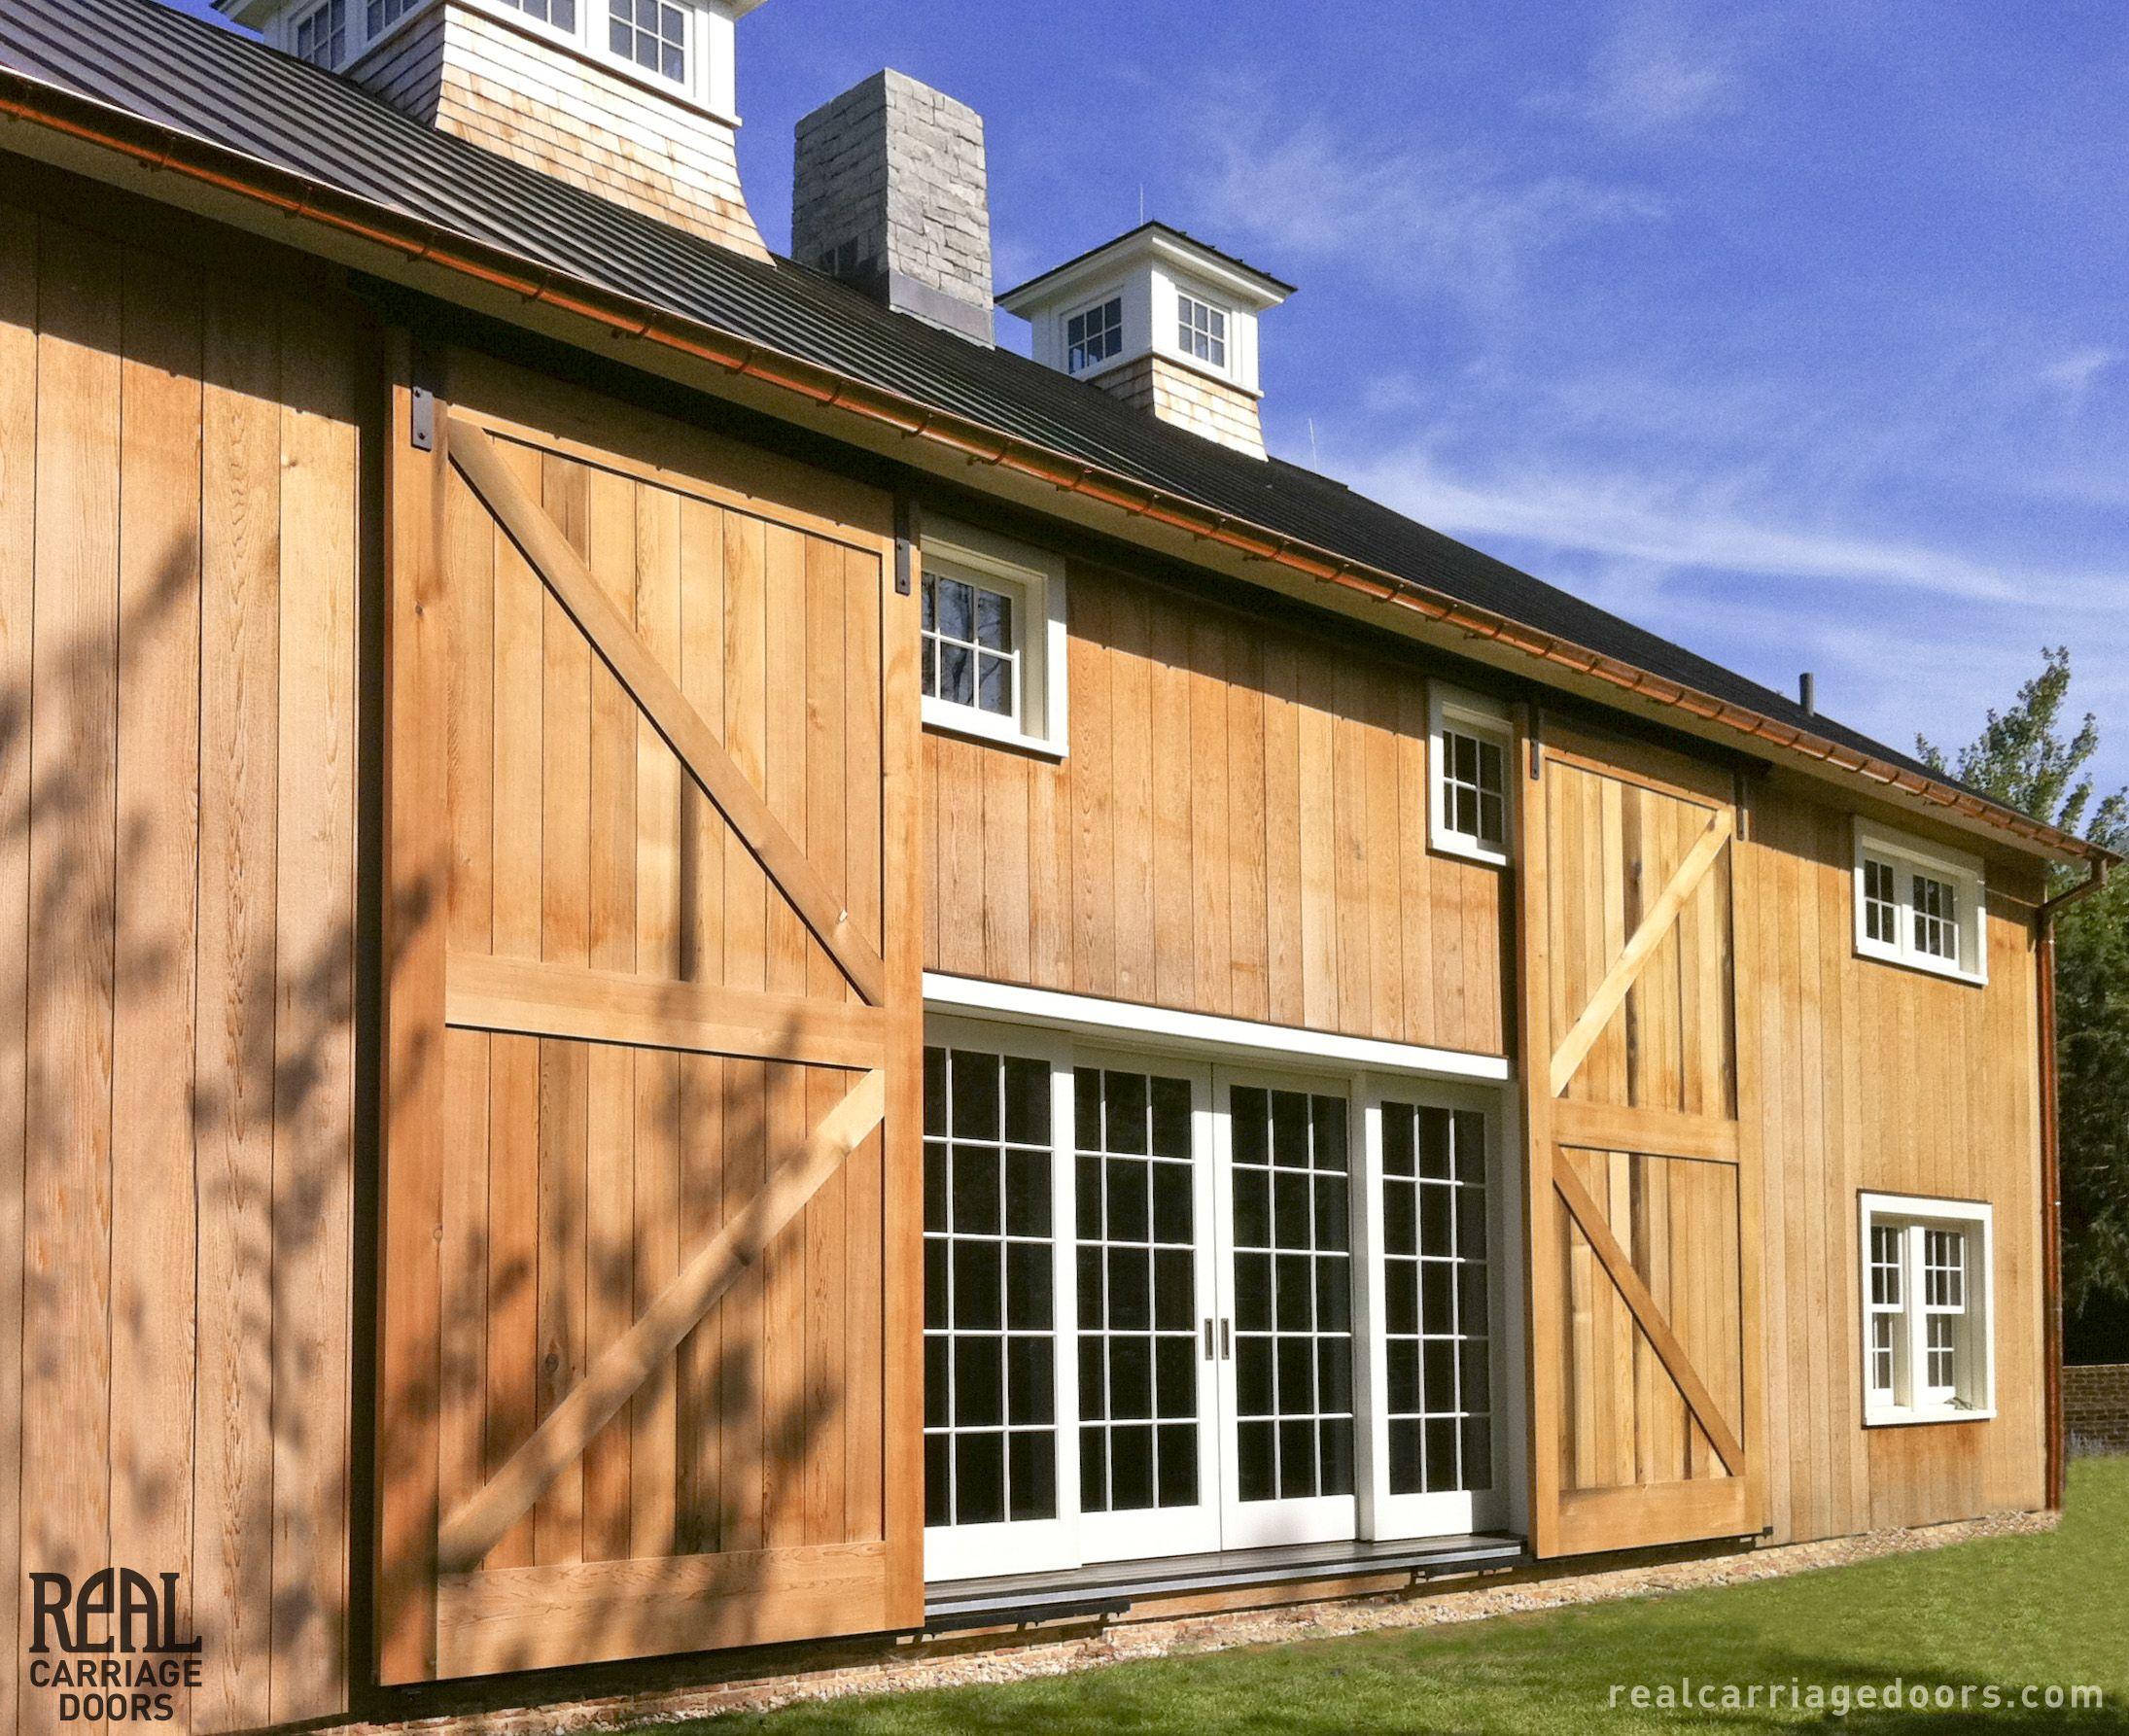 Huge Barn Doors With Barn Door Hardware Exterior Sliding Barn Doors Barn Style Garage Doors Exterior Barn Doors